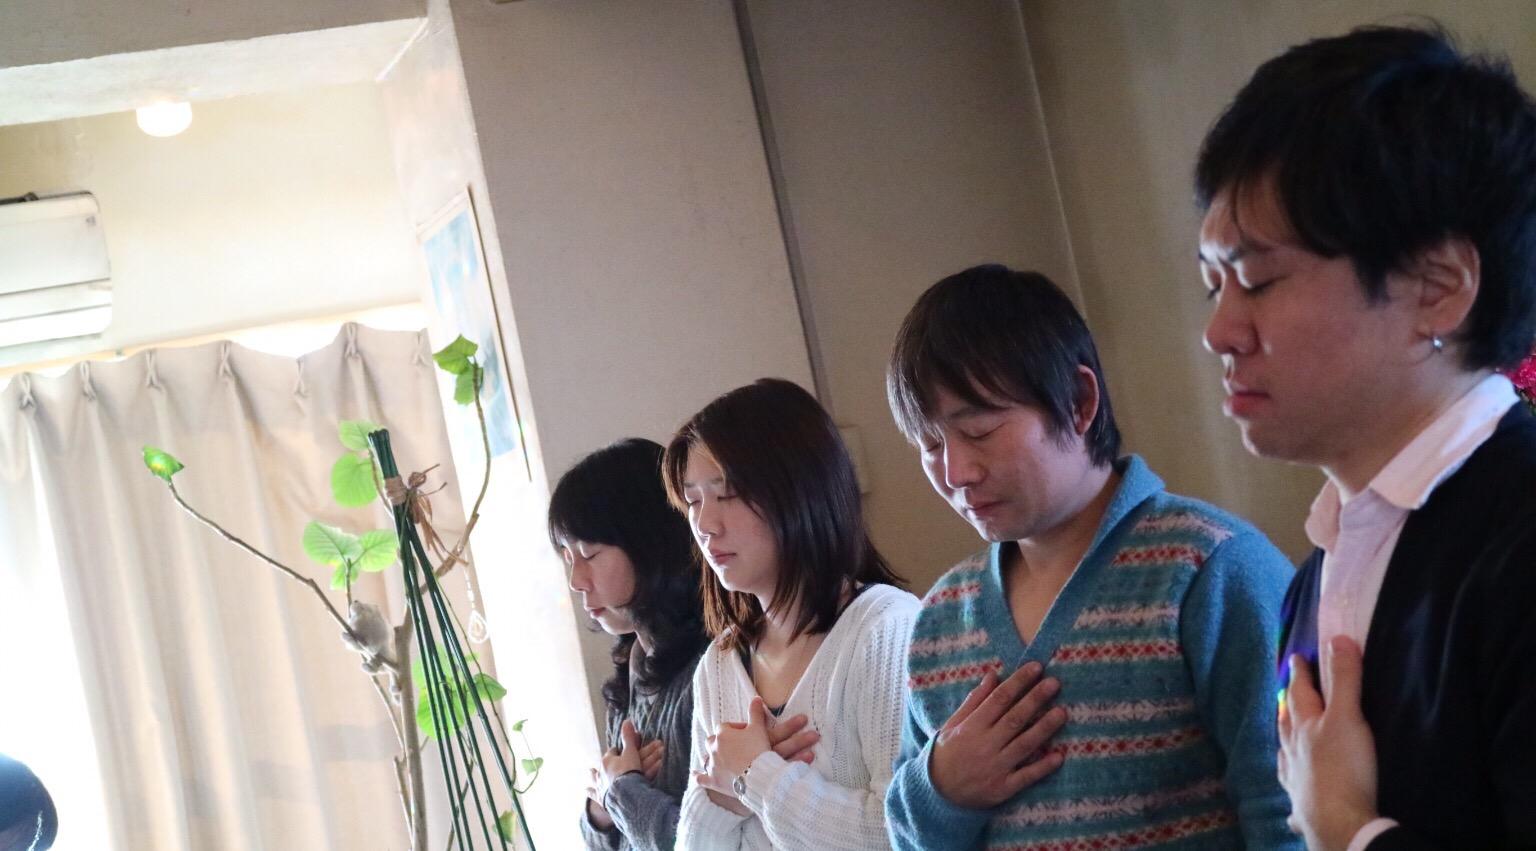 🌟2月12日(日)開催!第8回瞑想フェスin青山 ご参加申し込みスタートしました!🌟